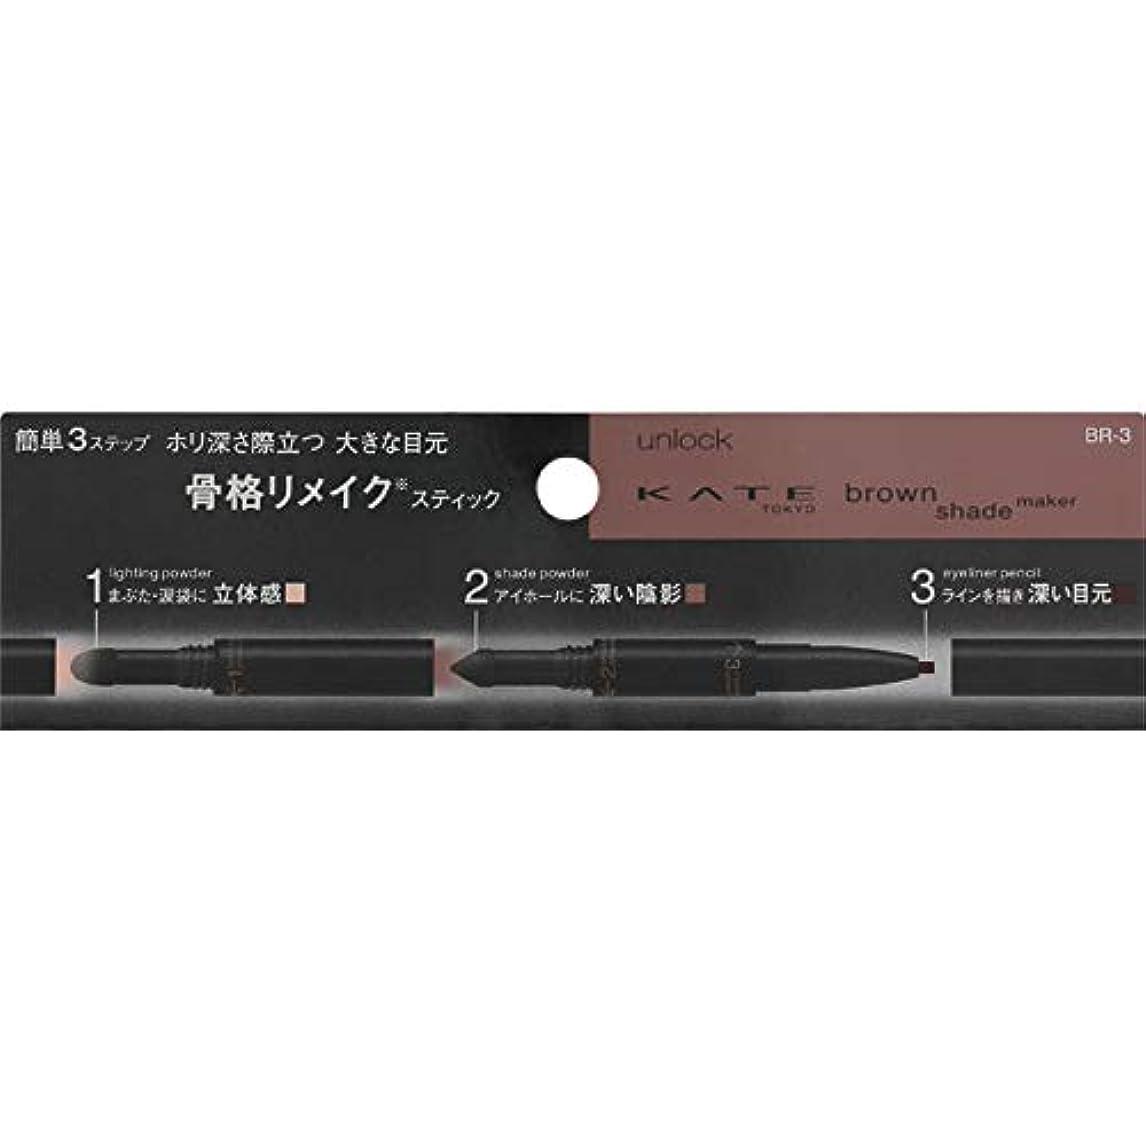 インシュレータ活気づく参照するカネボウ(Kanebo) ケイト ブラウンシェードメイカー<カラー:BR-3>